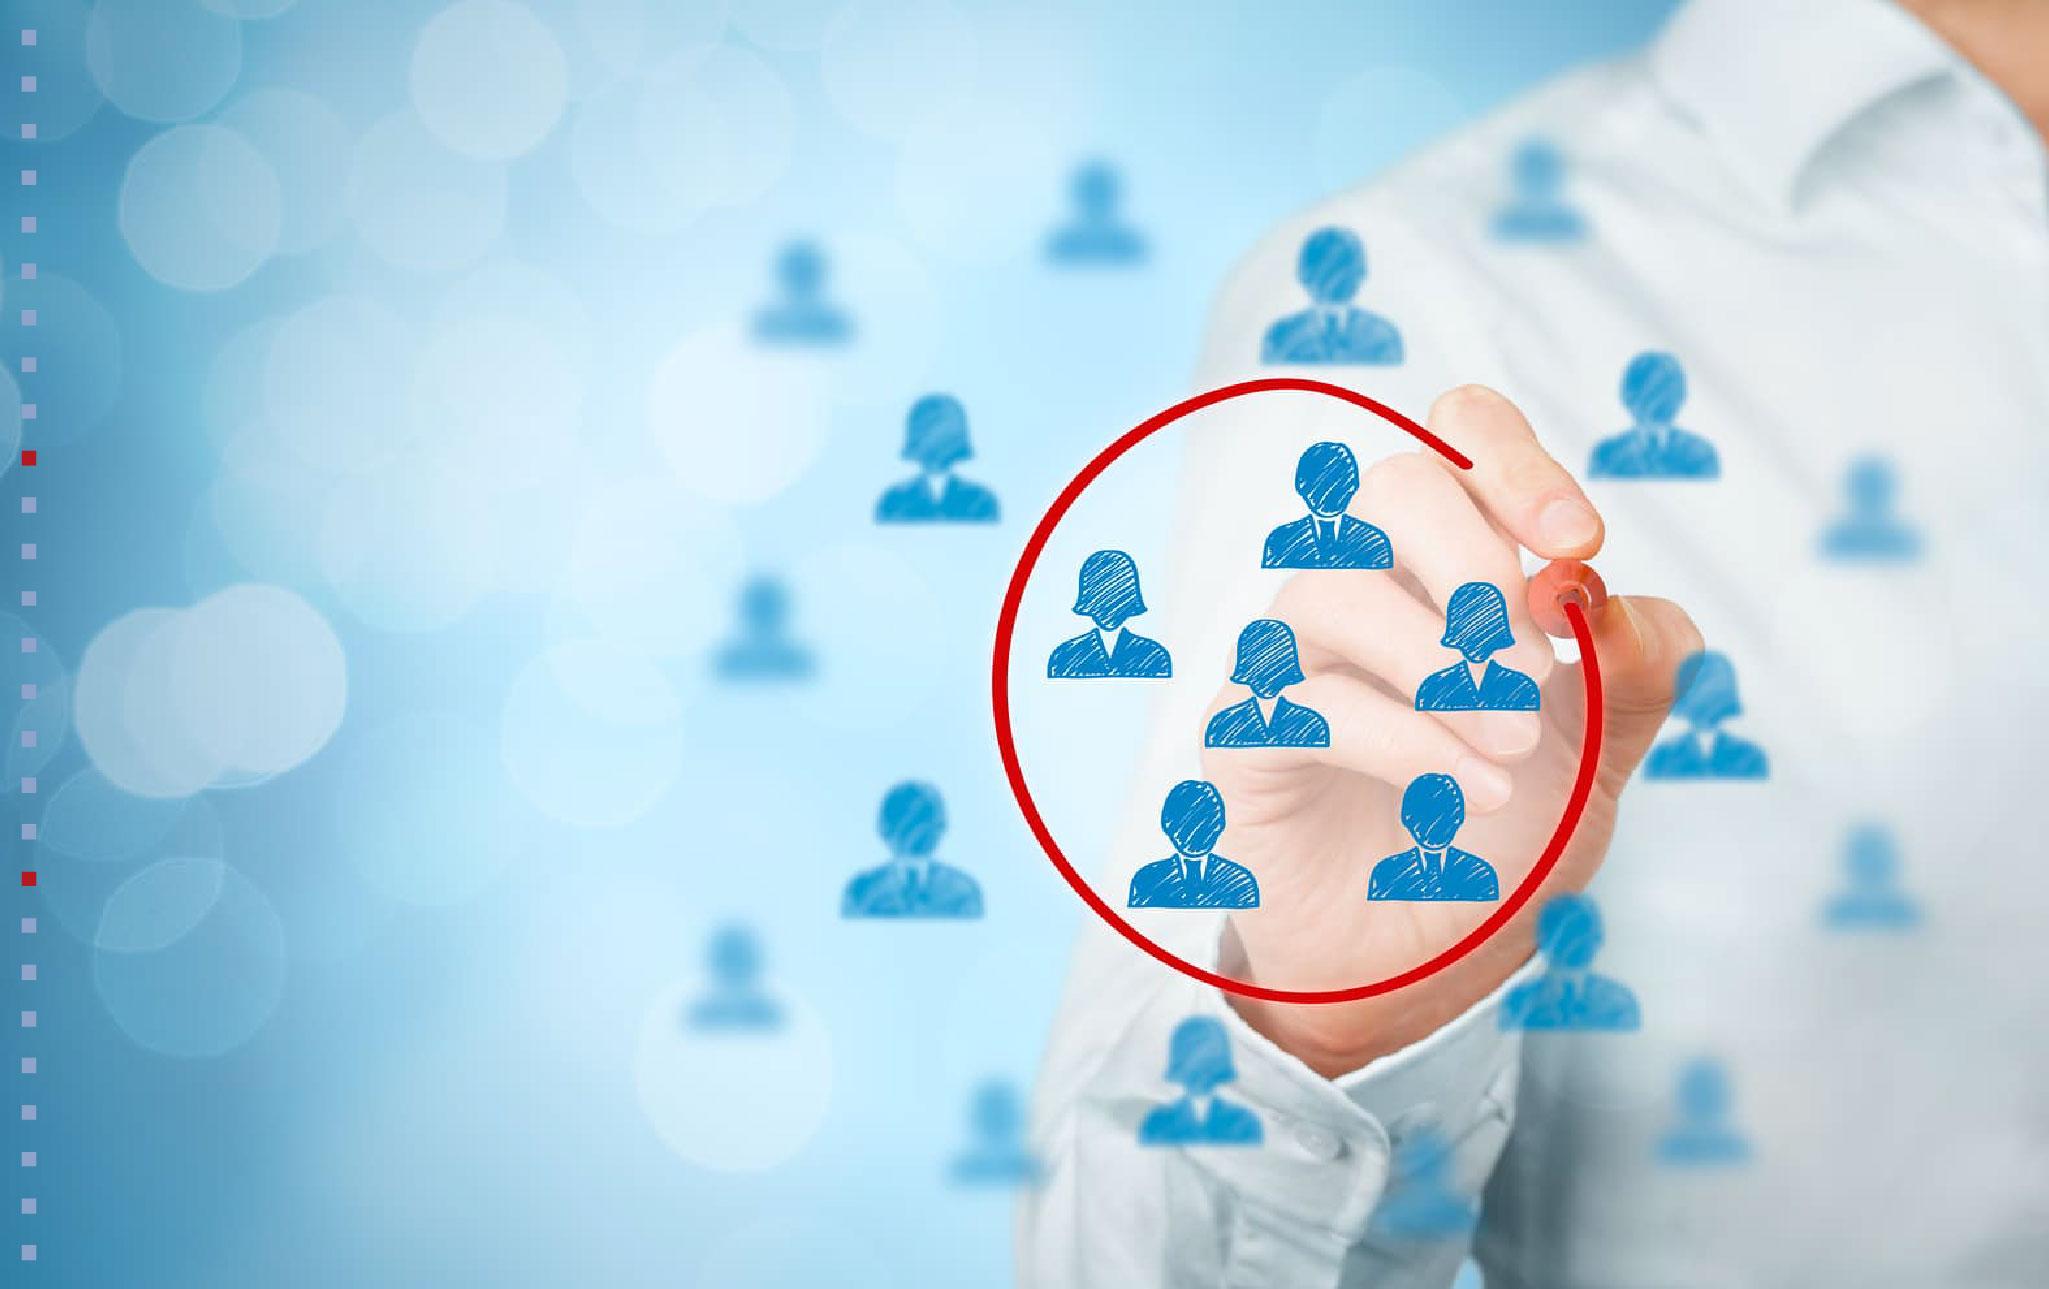 SAP SuccessFactors Launches Employee Central Time Management